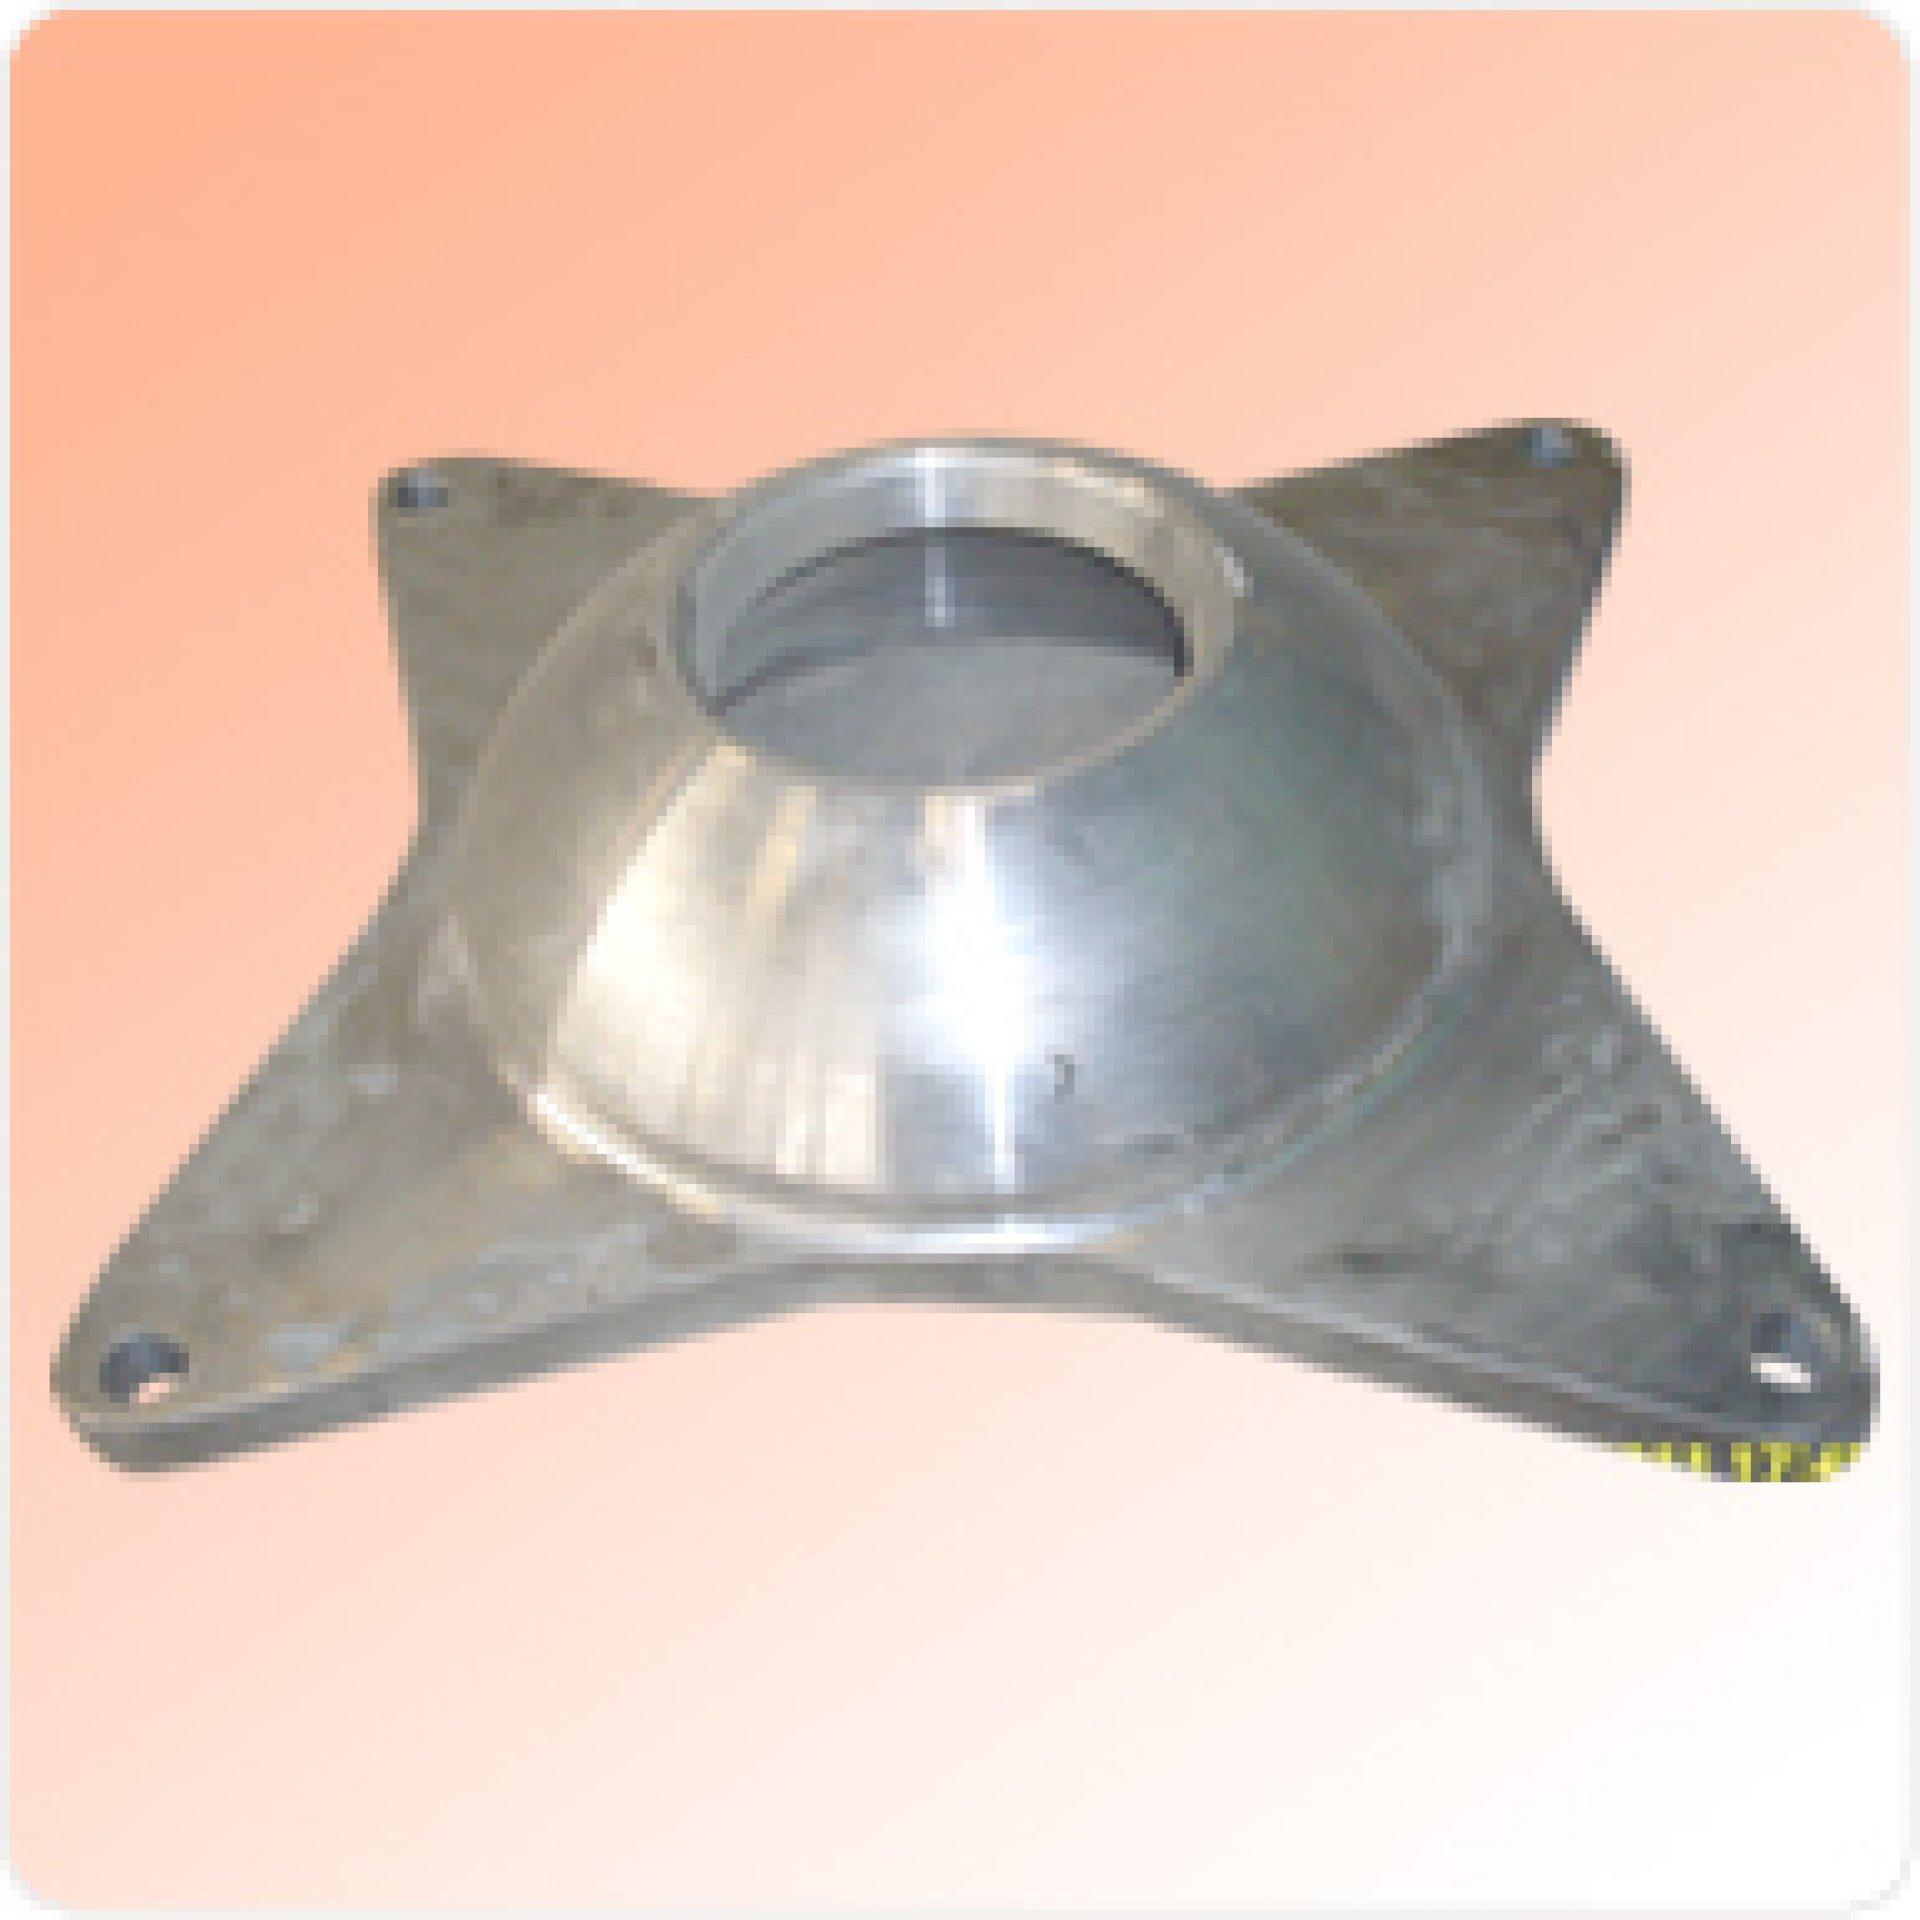 Bogie core-top bowl